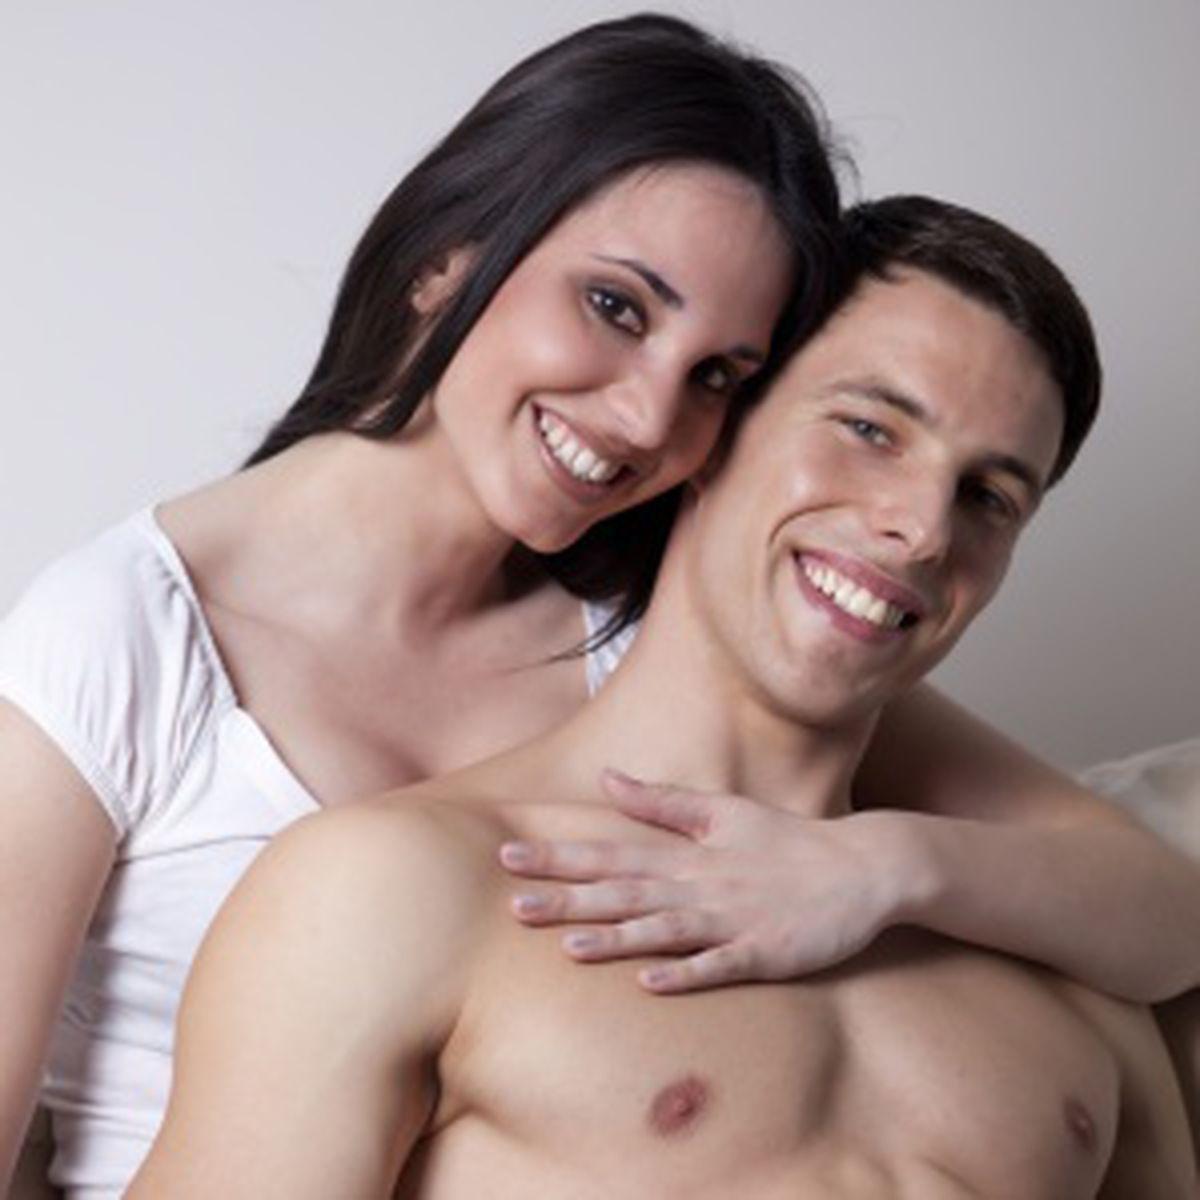 Dorinţa fierbinte de a mă iubi cu fostul, de faţă cu soţul meu (2) - Domnu' Roz